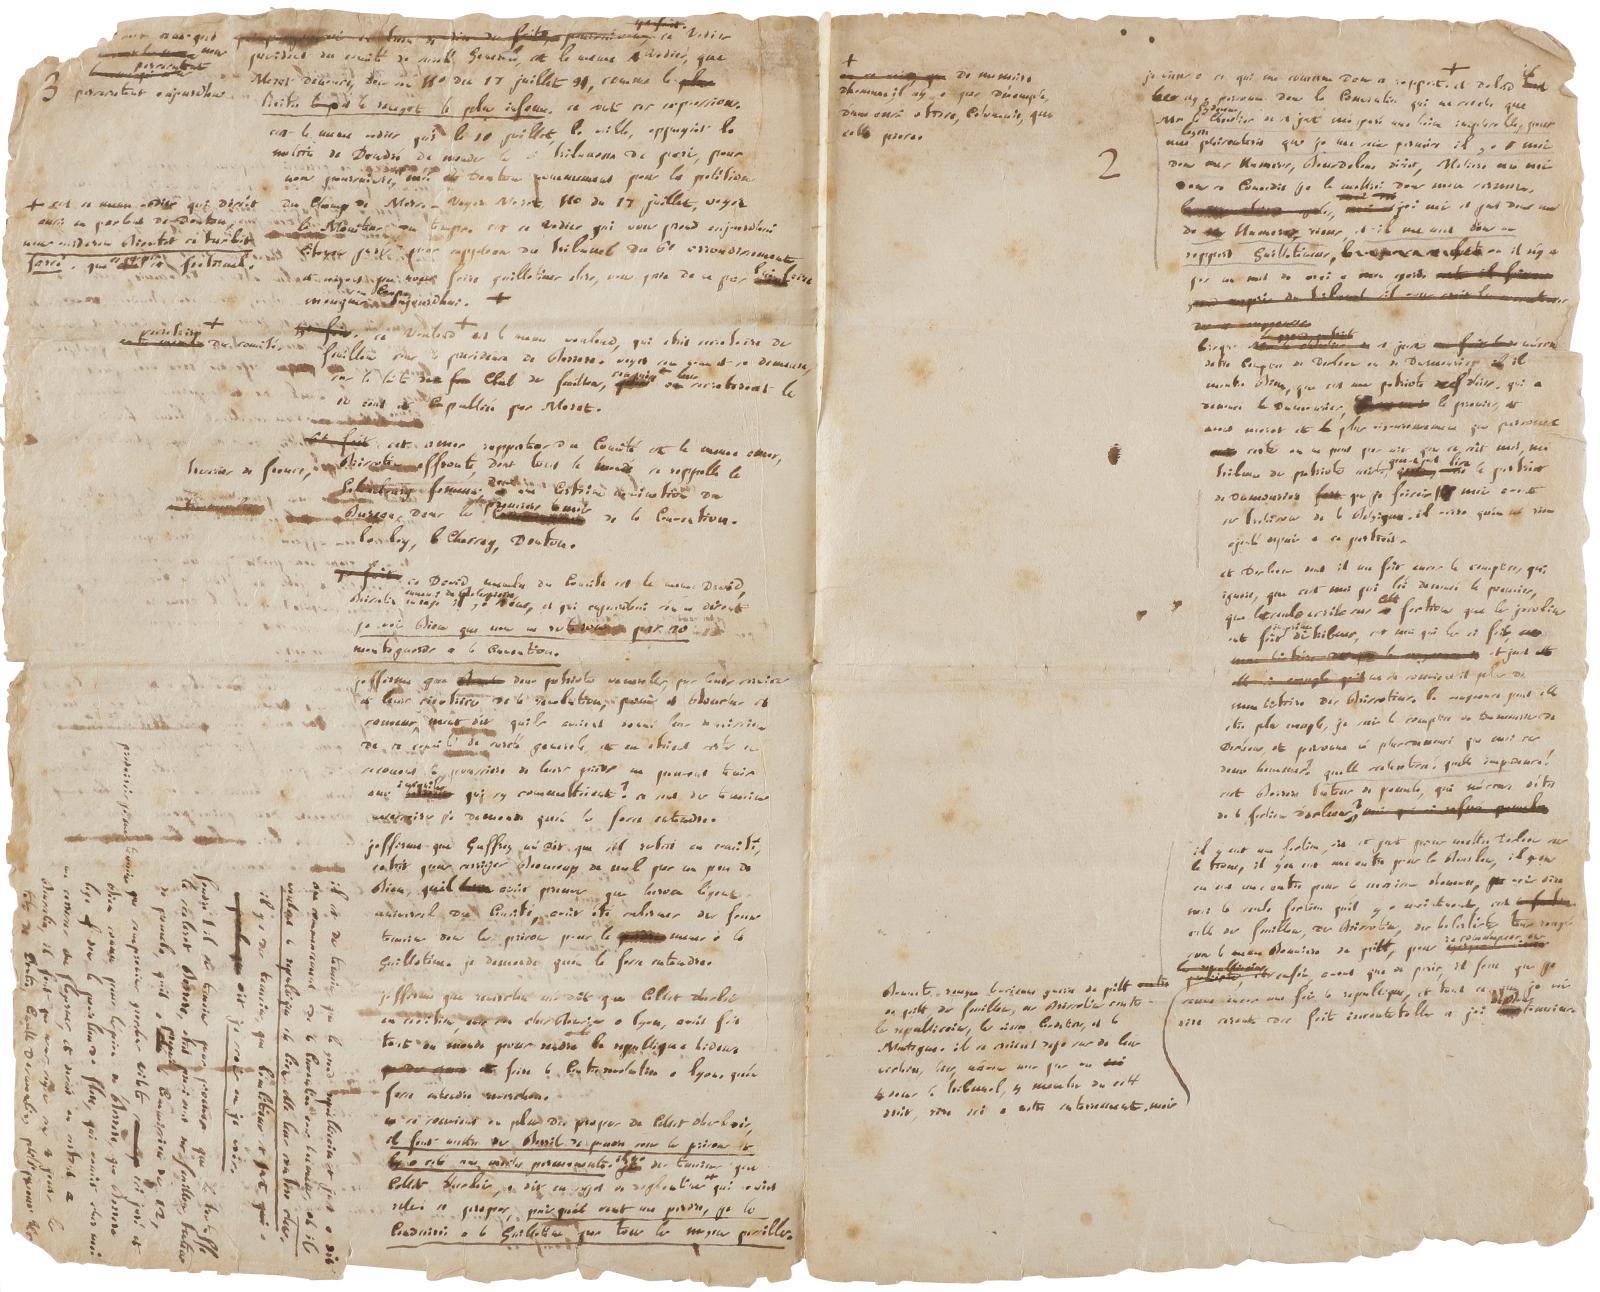 Camille Desmoulins(1760-1794), notes autographes sur le rapport de Saint-Just, 1er avril 1794, trois pages in-folio avec ratures et corrections. Jeud